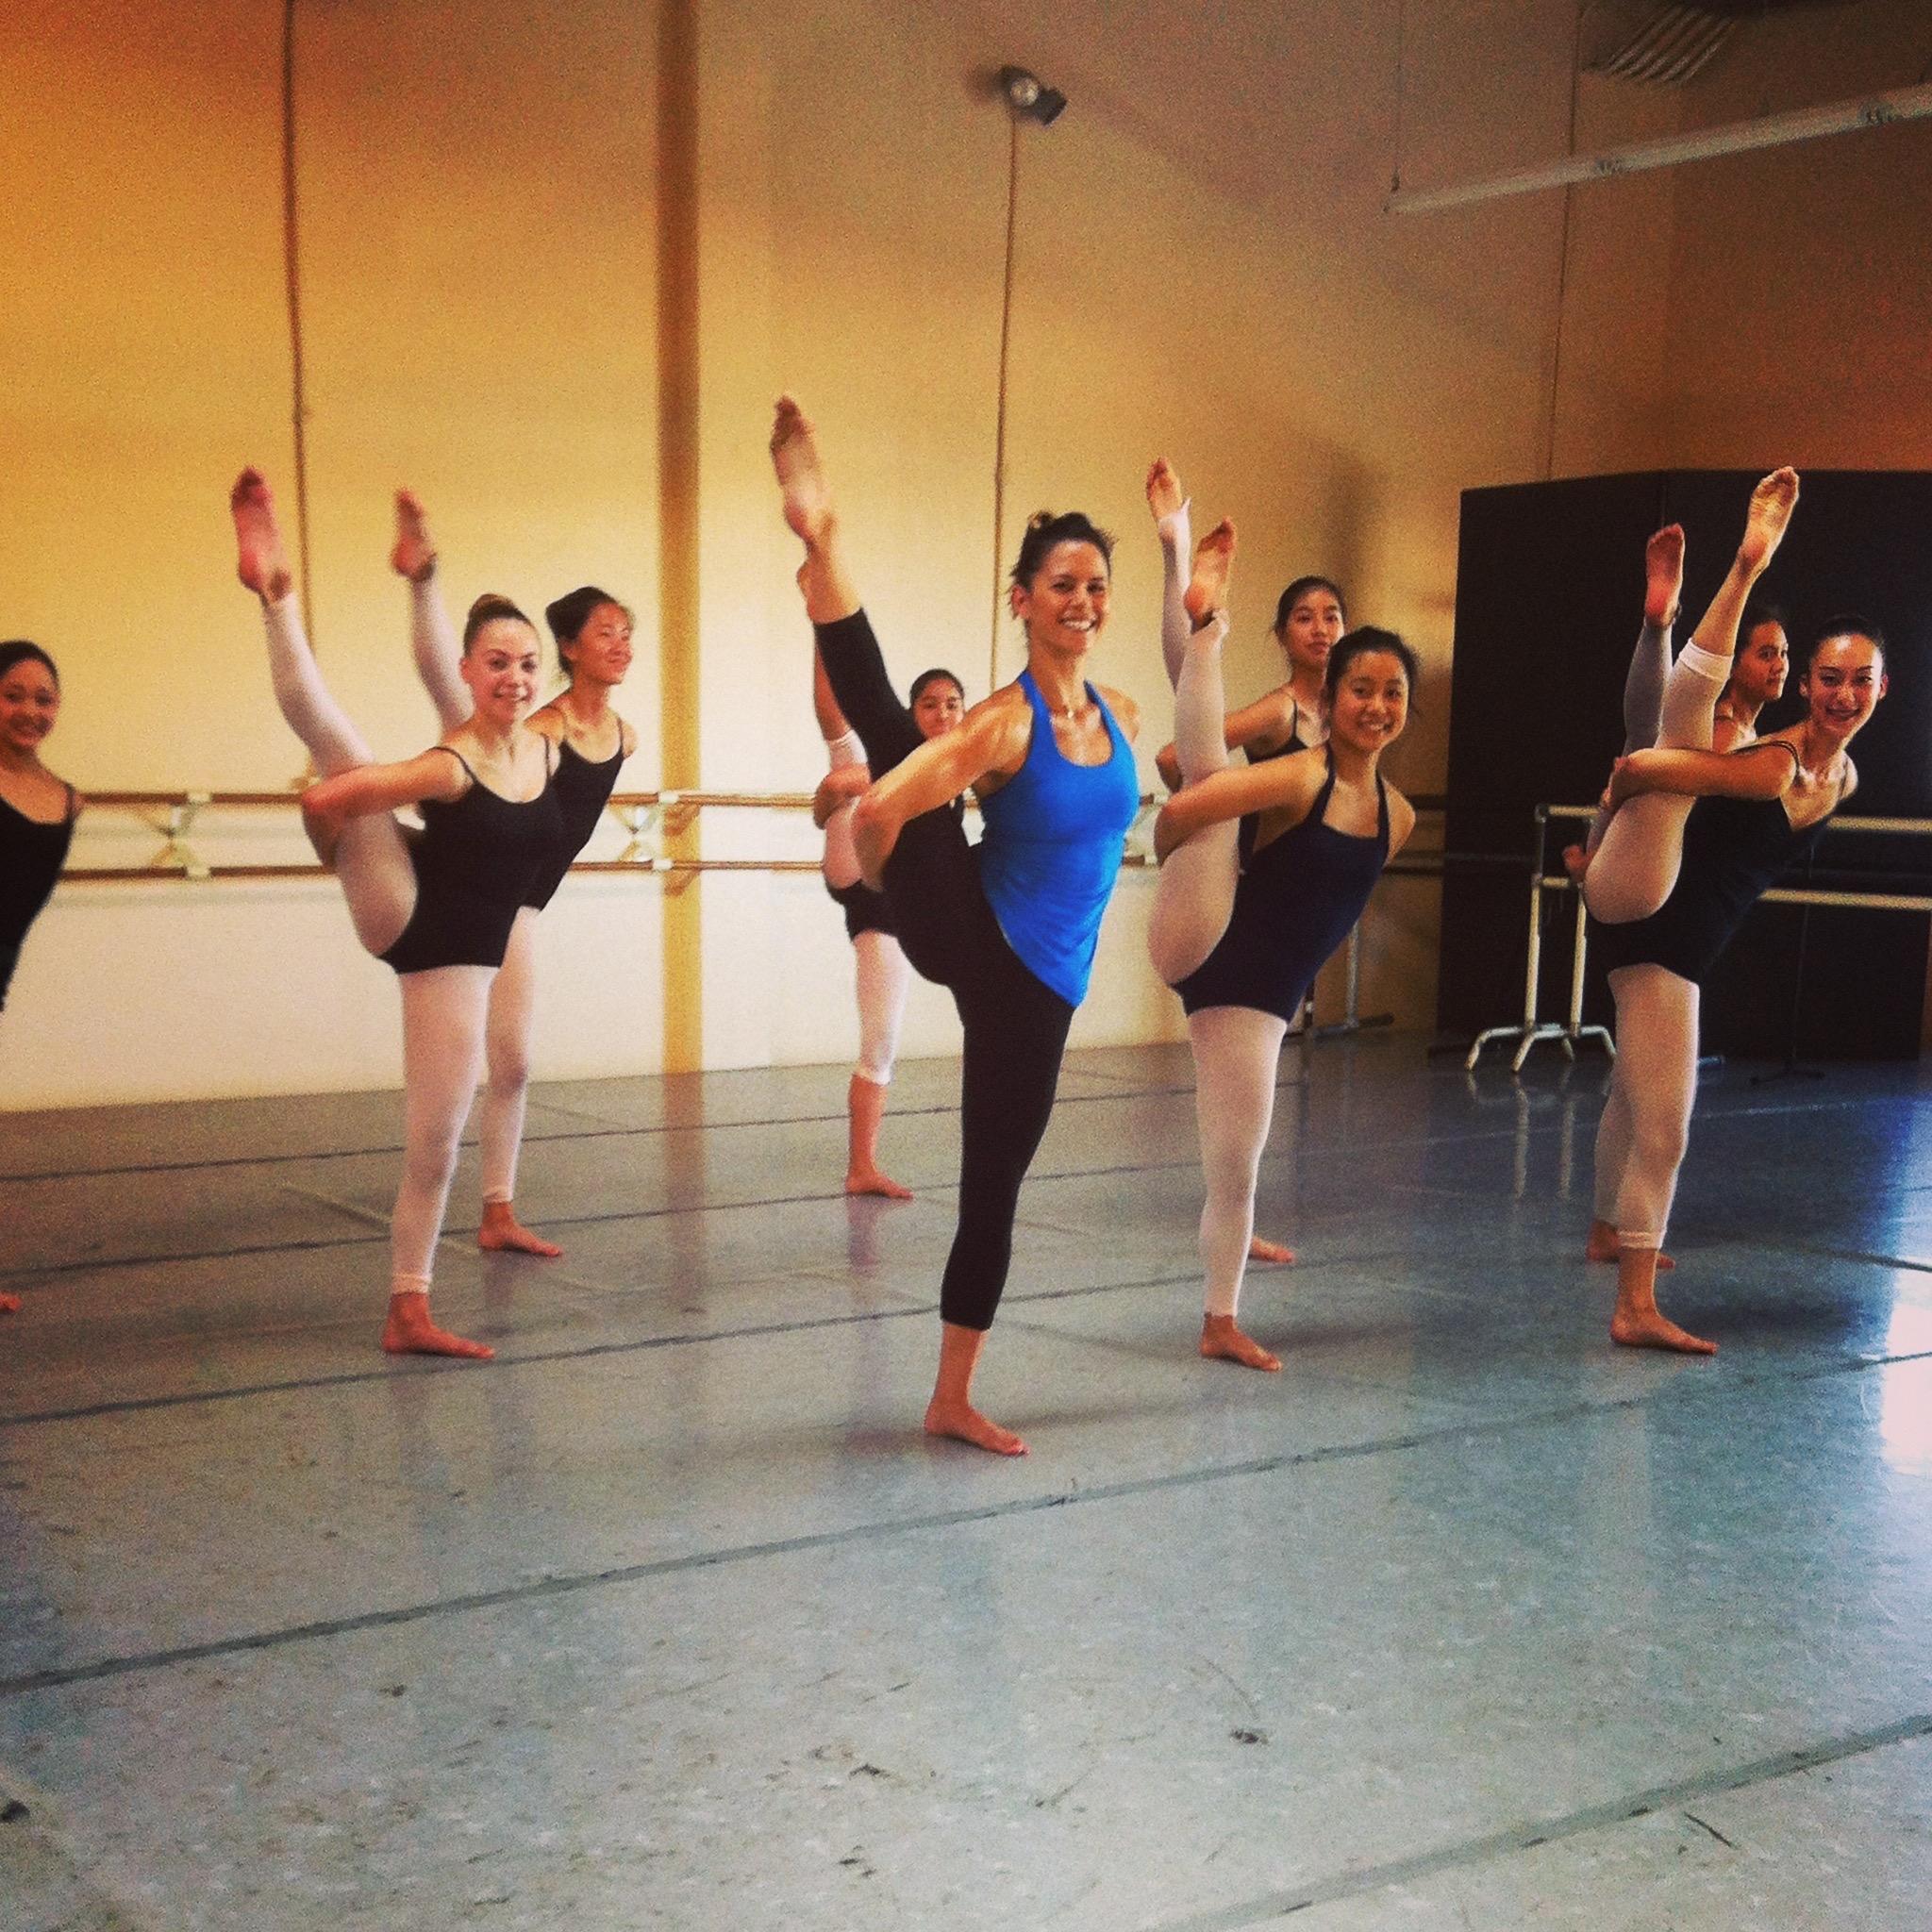 Teaching at her former ballet studio, Ayako's School of Ballet in Belmont